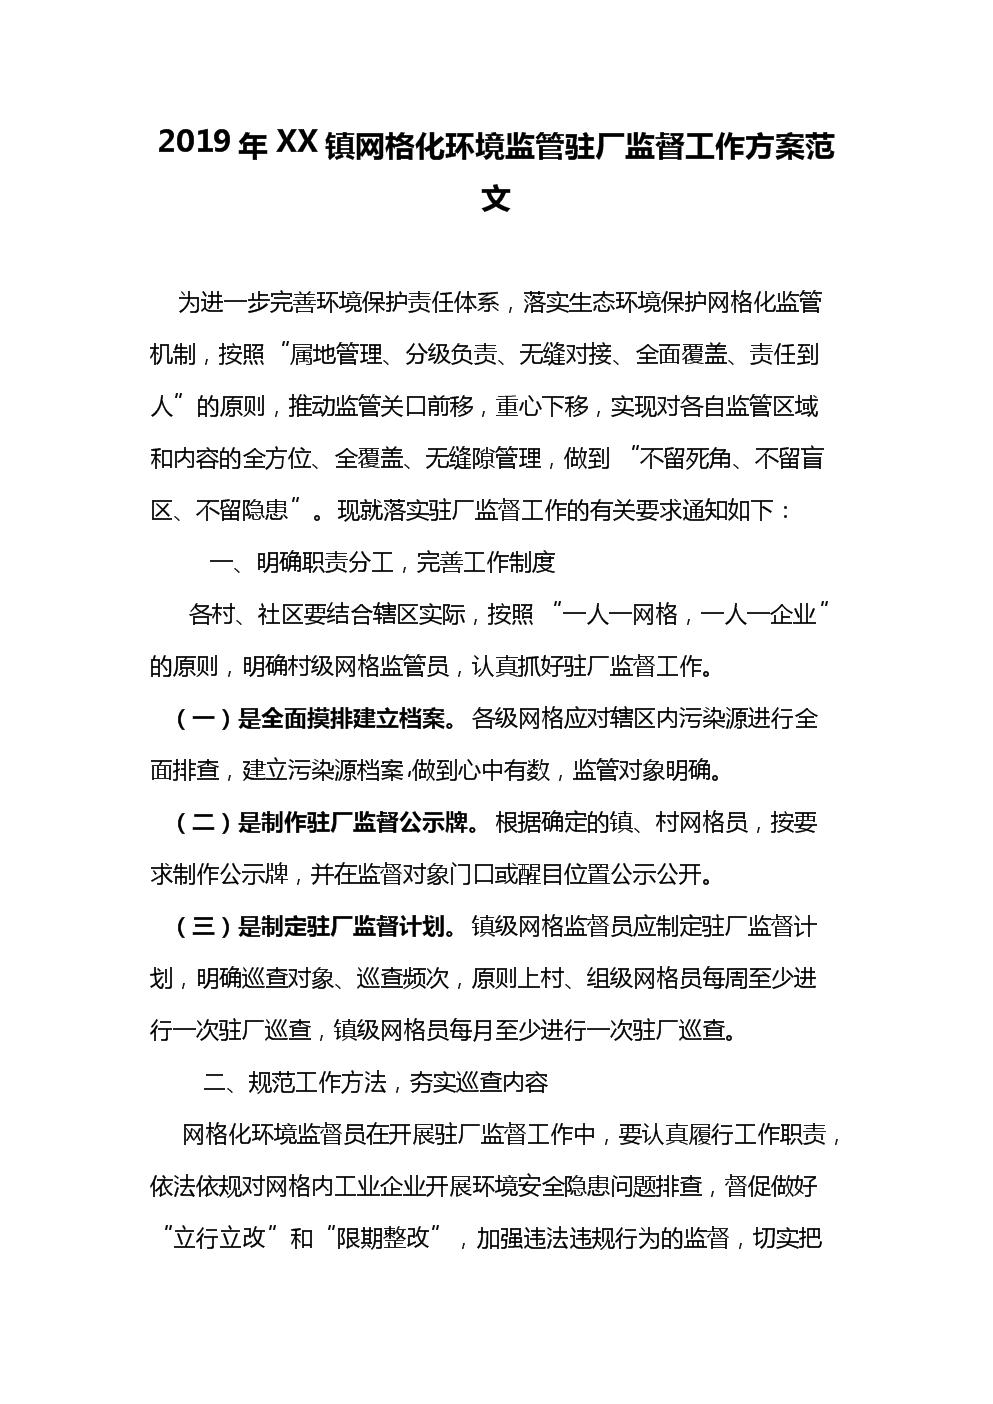 2019年XX镇网格化环境监管驻厂监督工作方案范文.doc